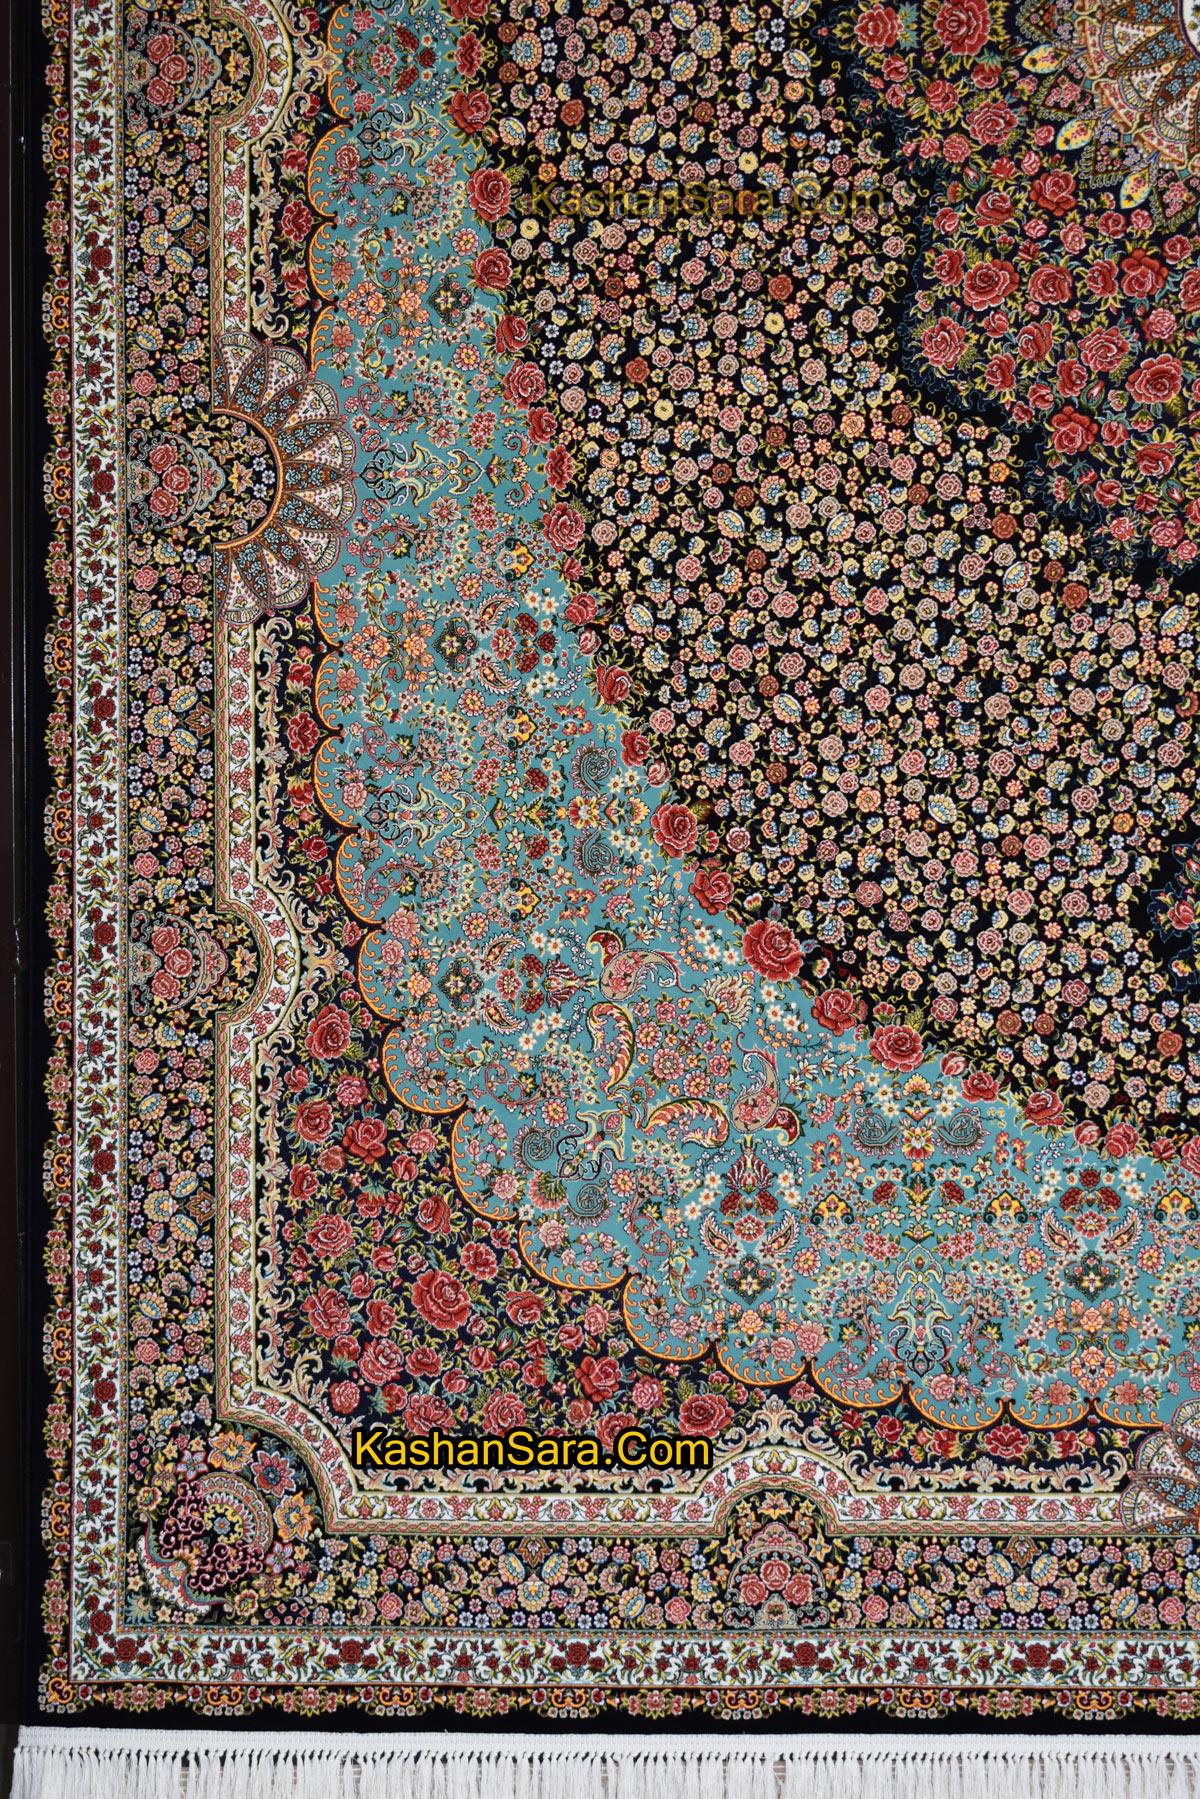 فرش ۱۰۰۰ شانه طرح رز تراکم ۳۰۰۰ فرش کاشان